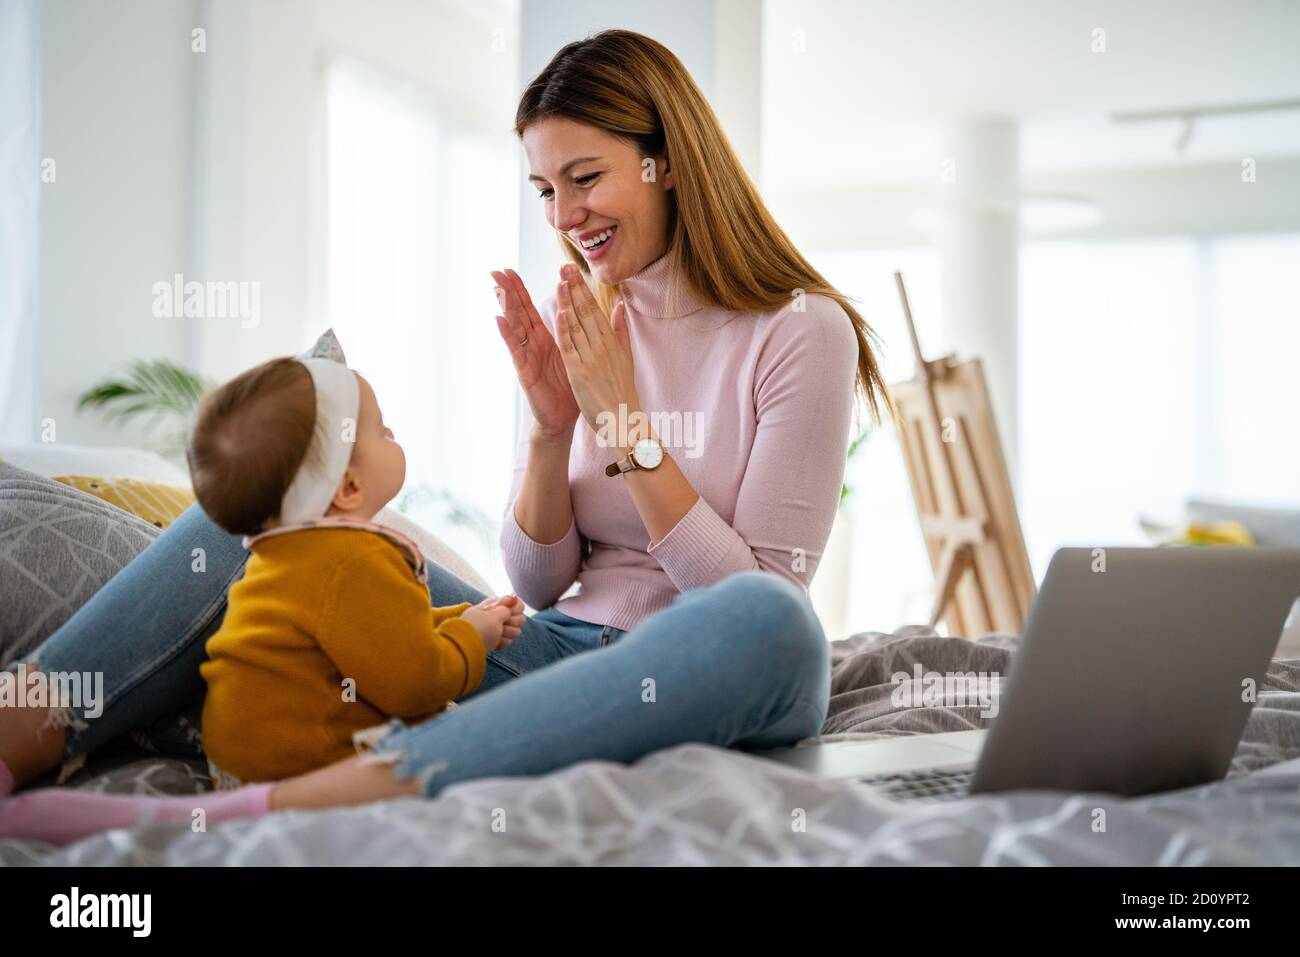 Mère et bébé fille joue, embrassant, embrassant à la maison. Bonne famille. Banque D'Images